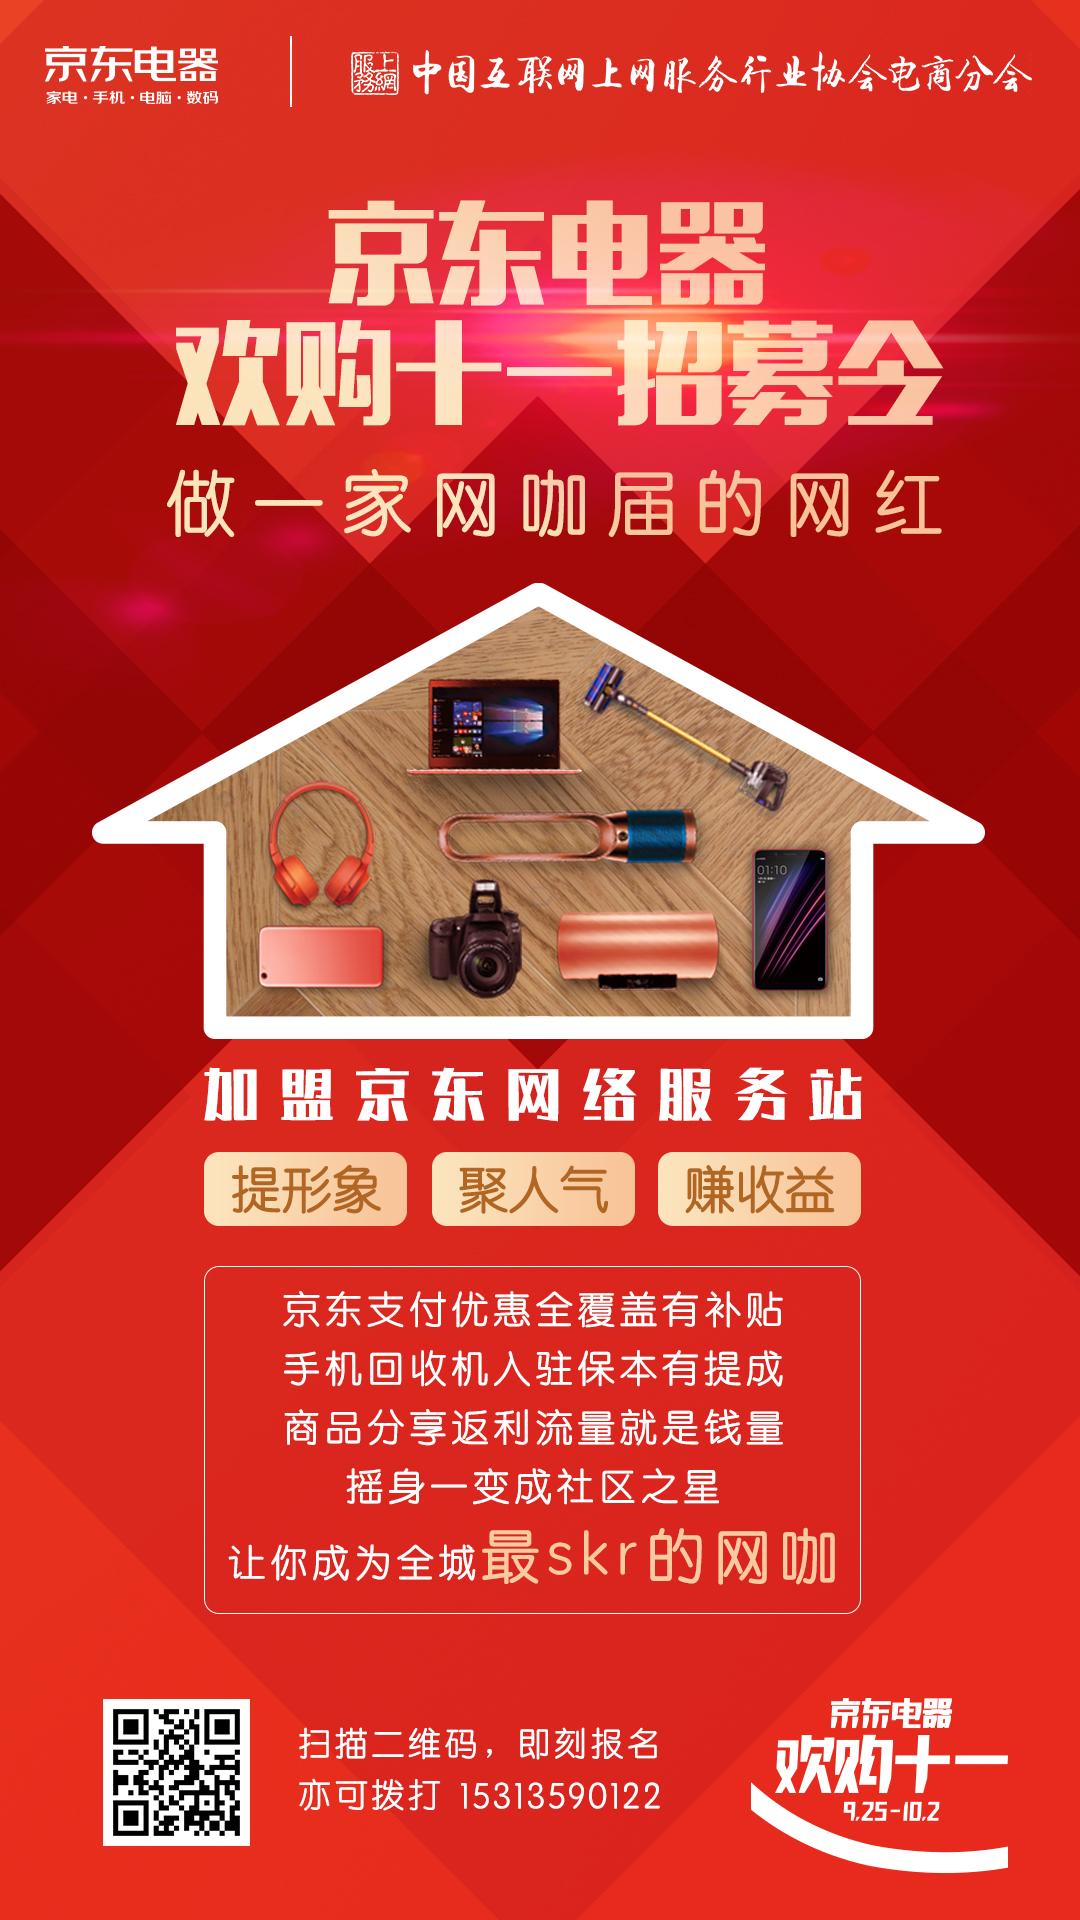 京东电器欢购十一嗨翻天 众多网咖加盟就差你了!